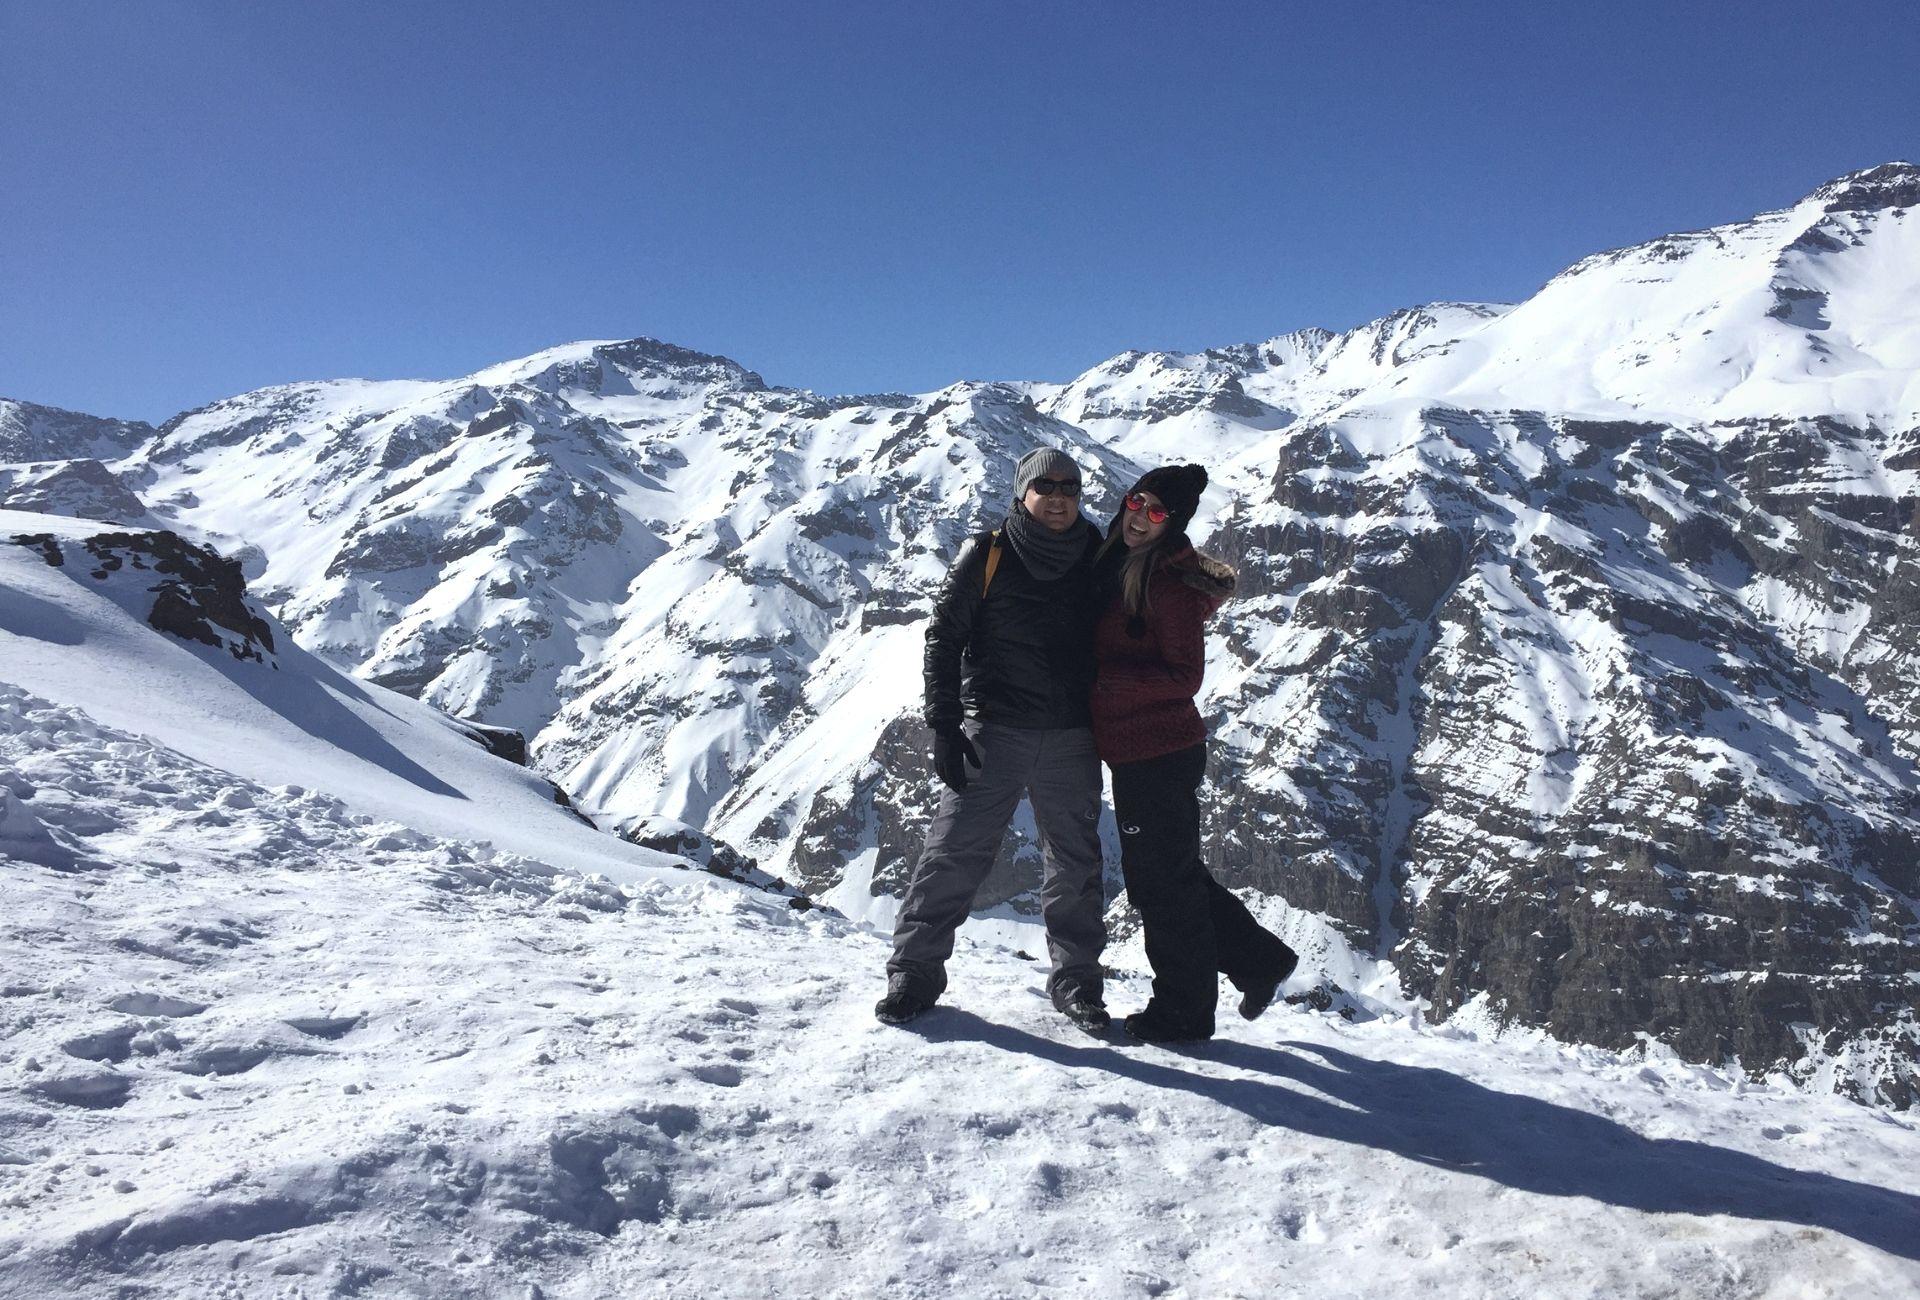 Leo e Fabi no Vale Nevado com montanhas ao fundo